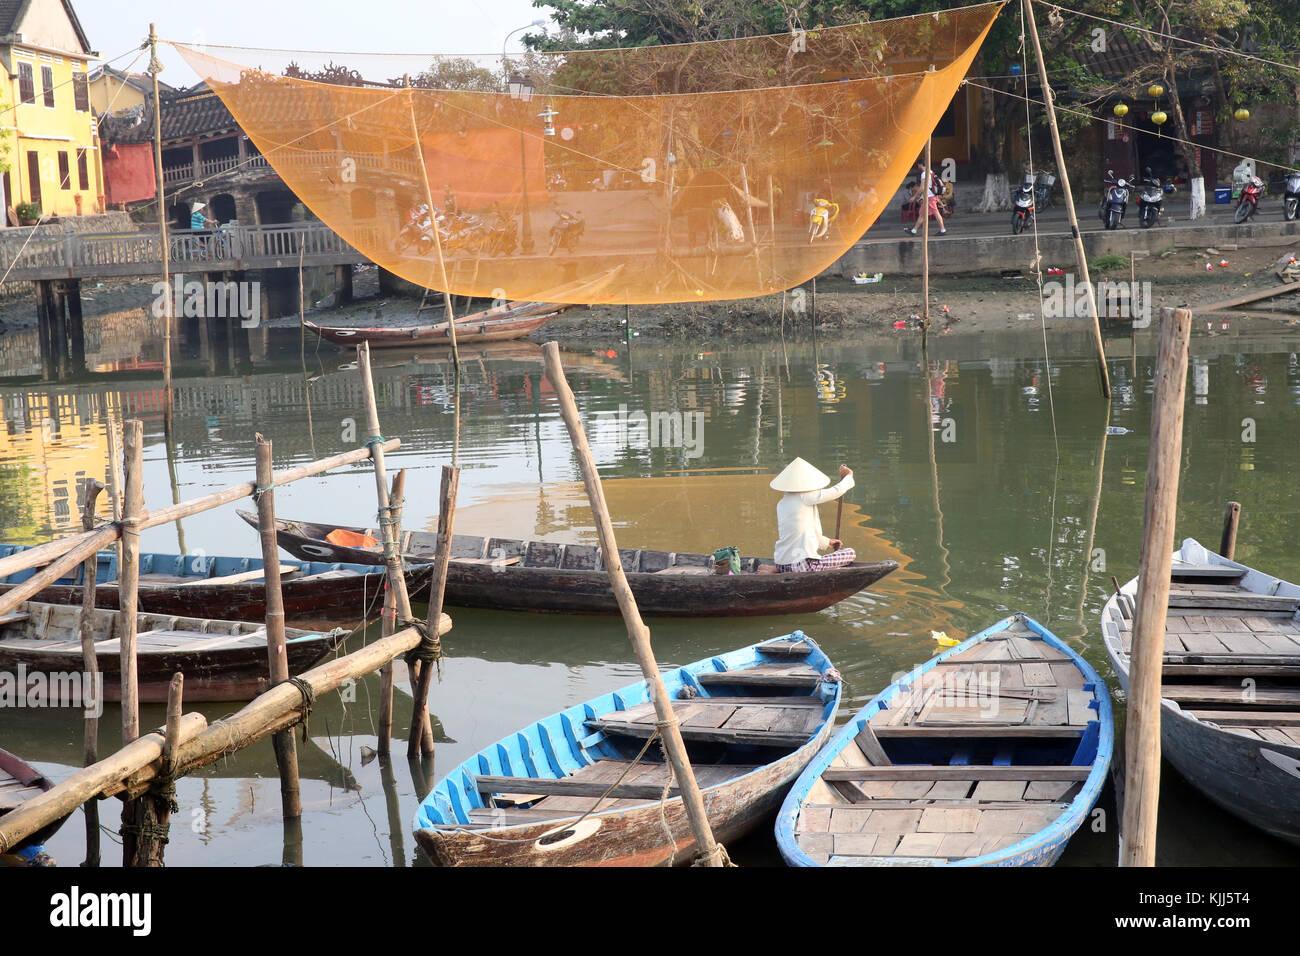 Filet de pêche vietnamiens suspendue sur la rivière Thu Bon. Hoi An. Le Vietnam. Photo Stock